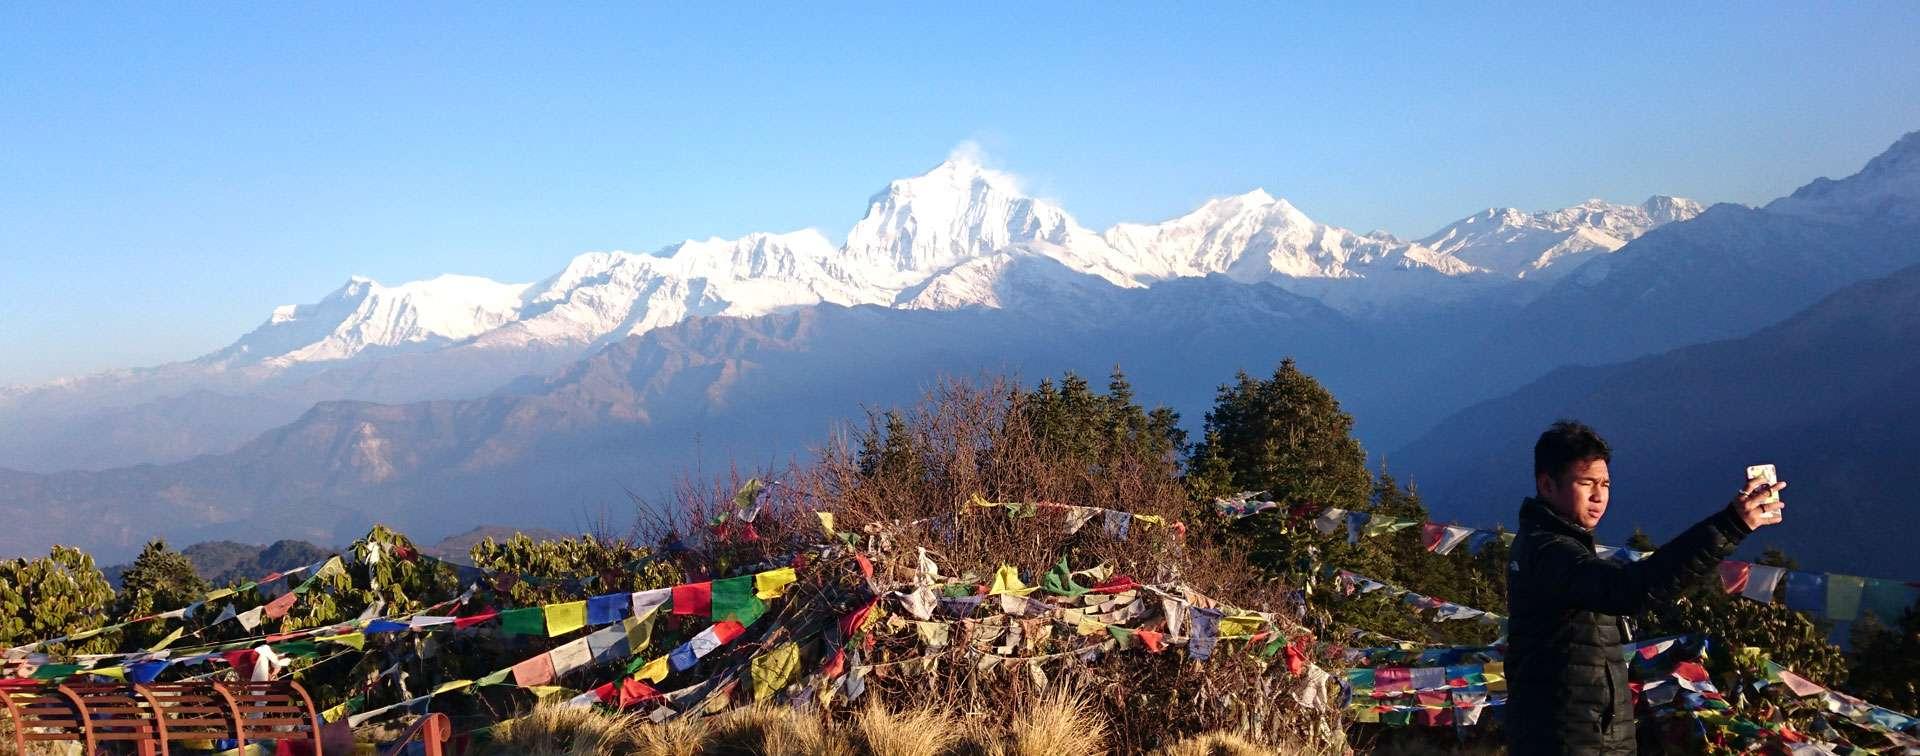 Annapurna Family Trekking